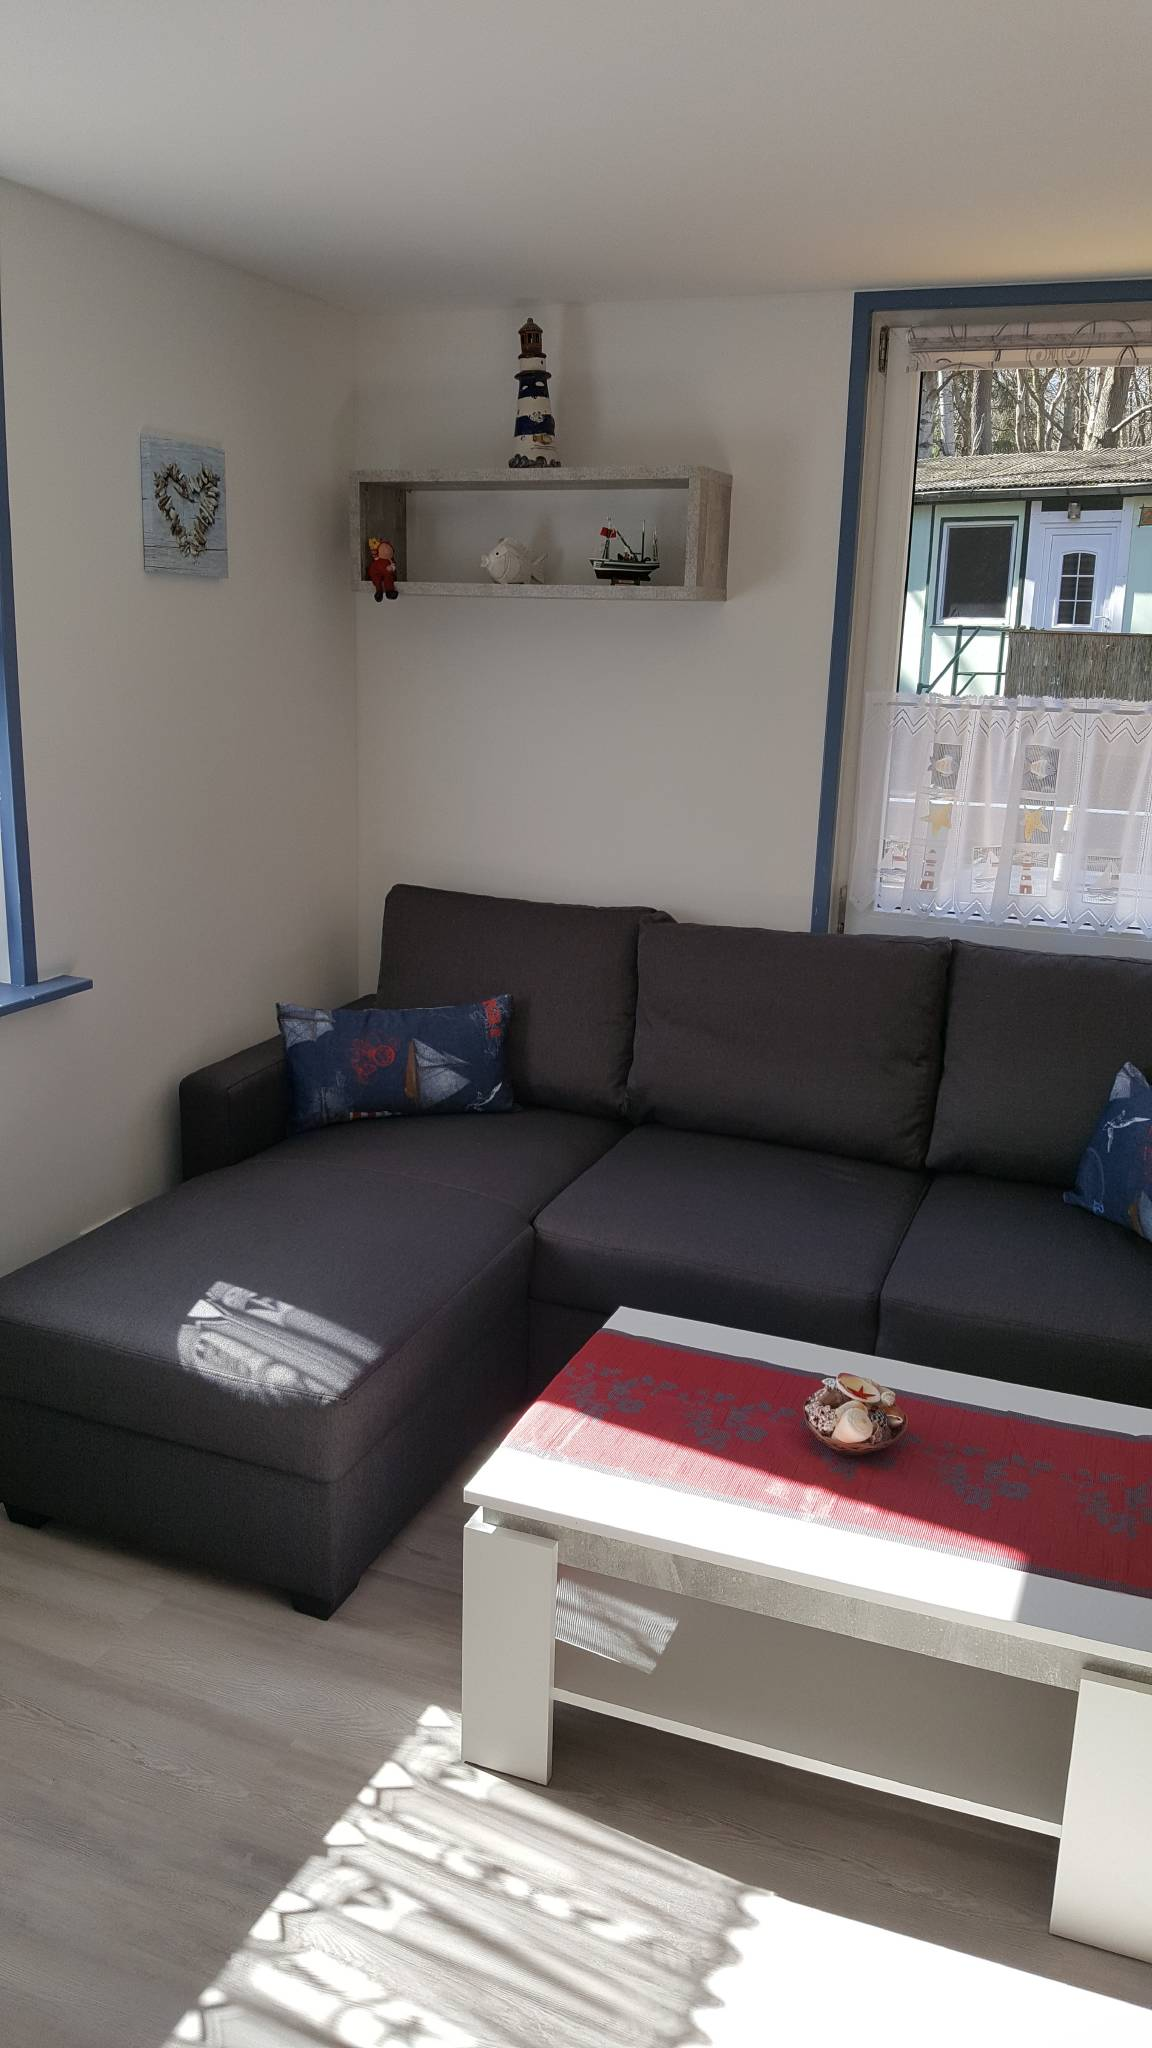 der Wohnbereich mit Sat-TV